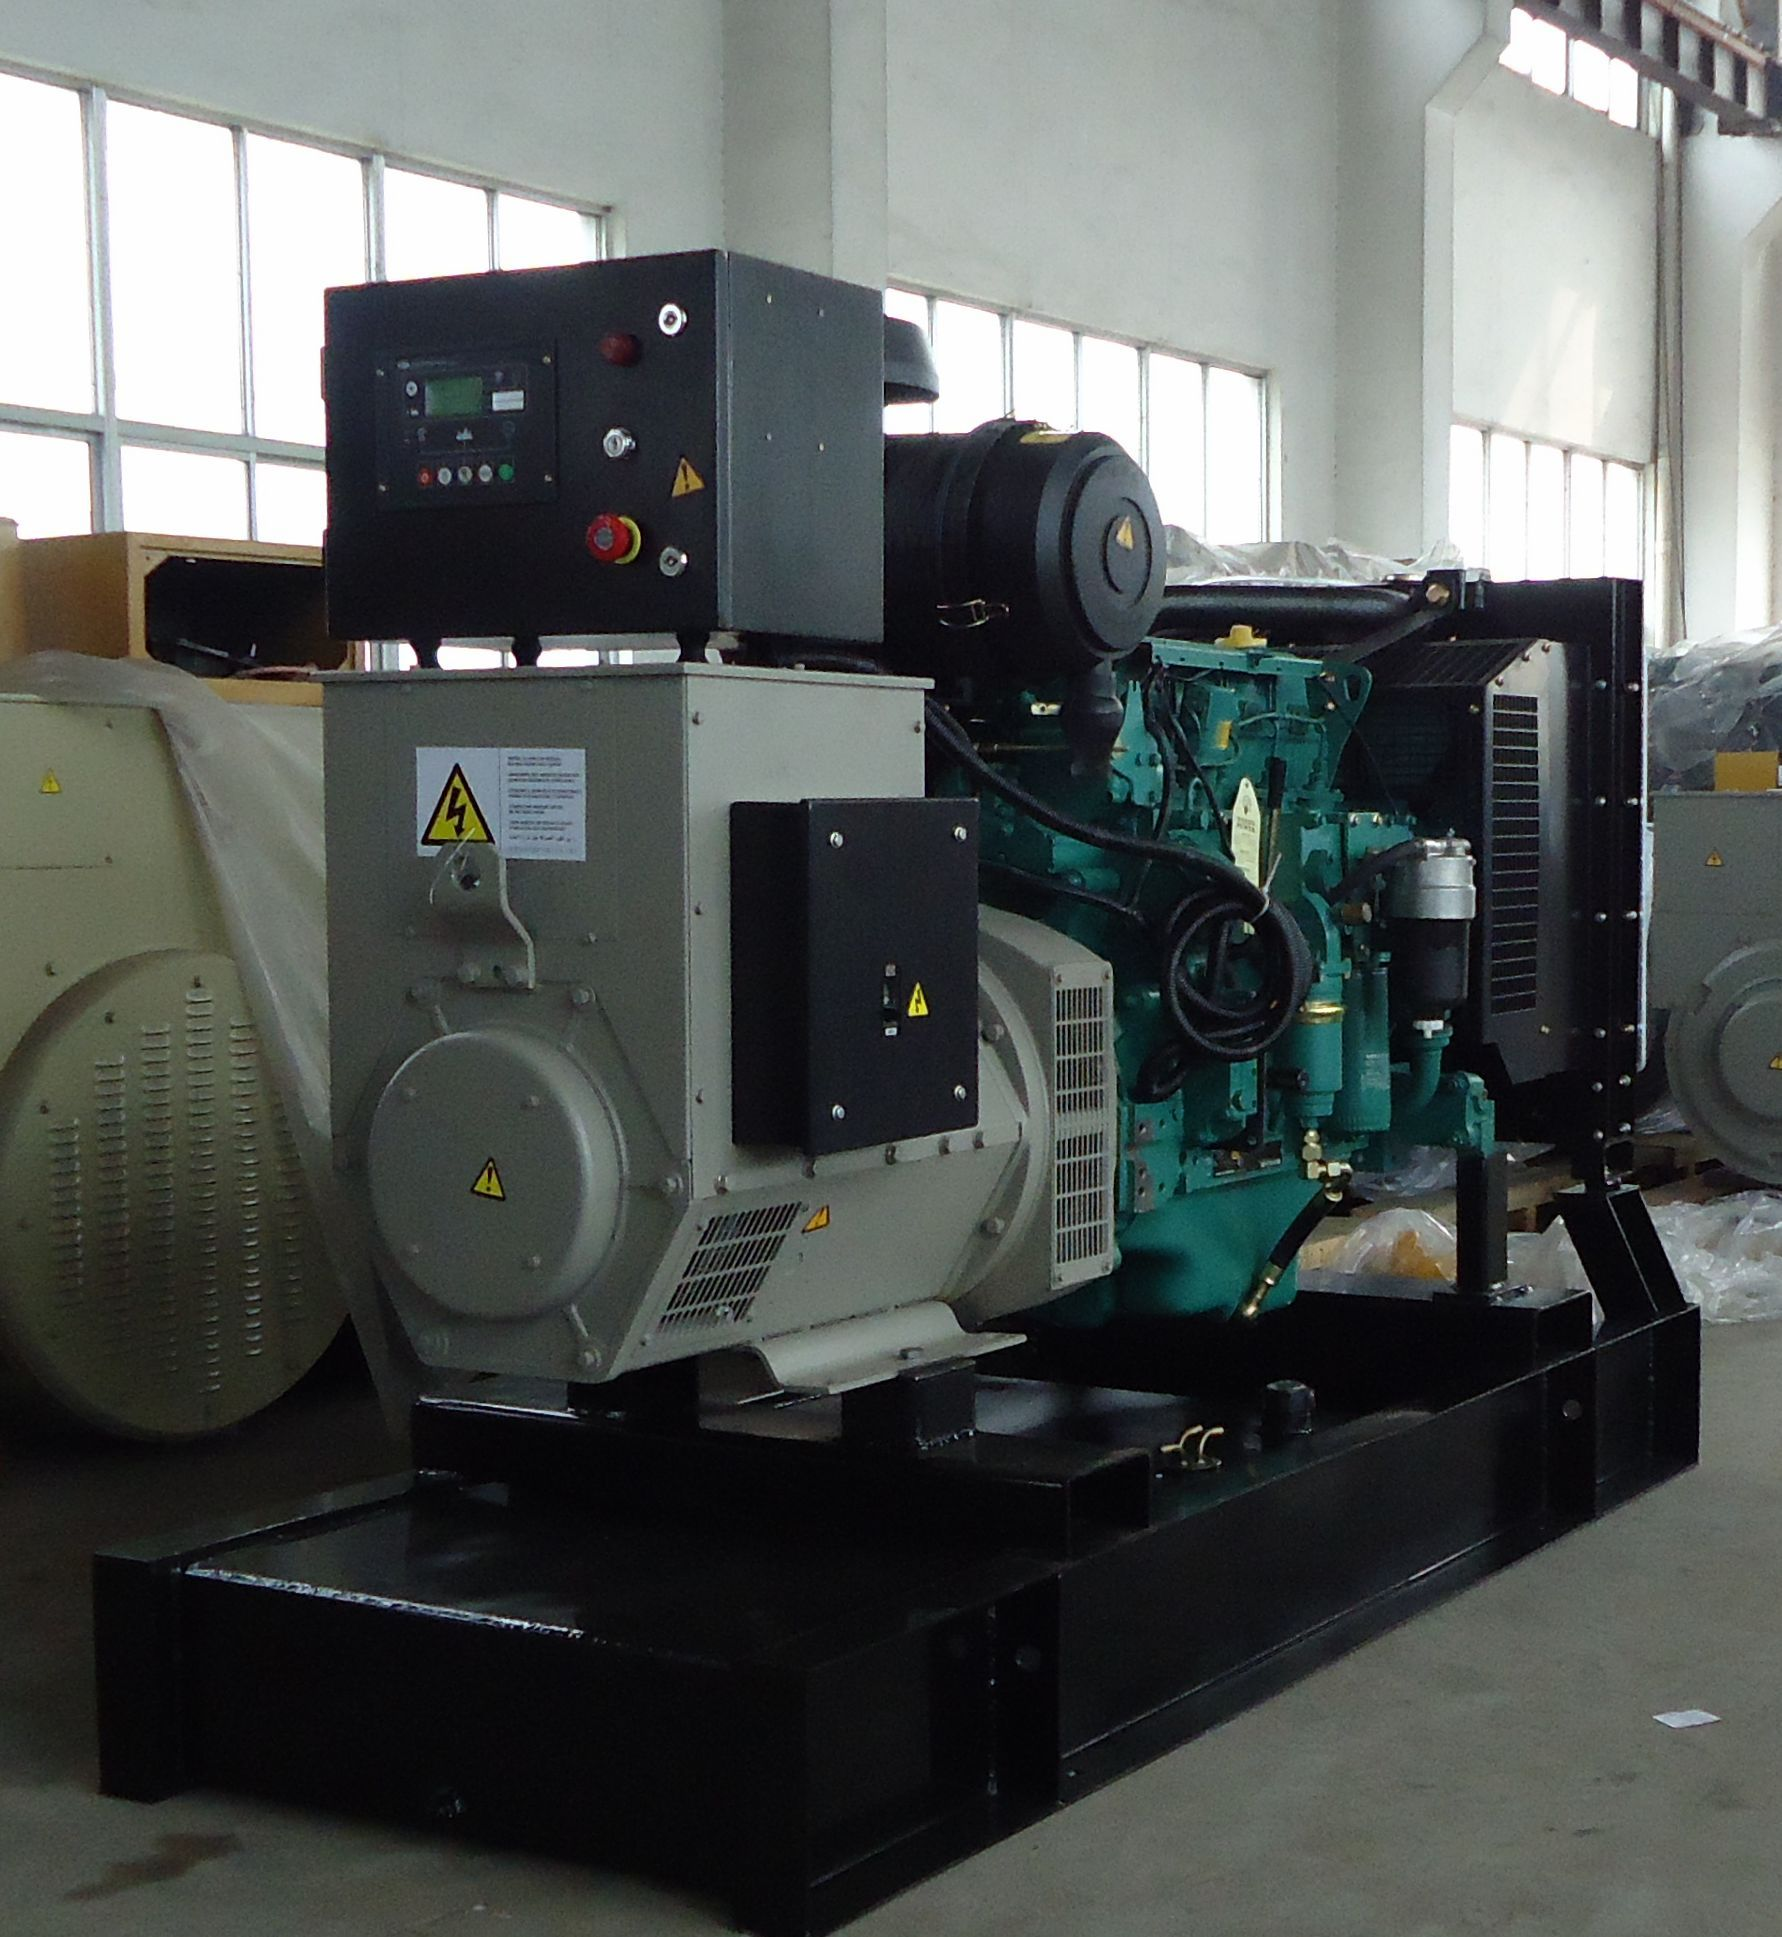 飛達-沃爾沃系列柴油發電機組價位|怎樣才能買到實惠的沃爾沃柴油發電機組200KW